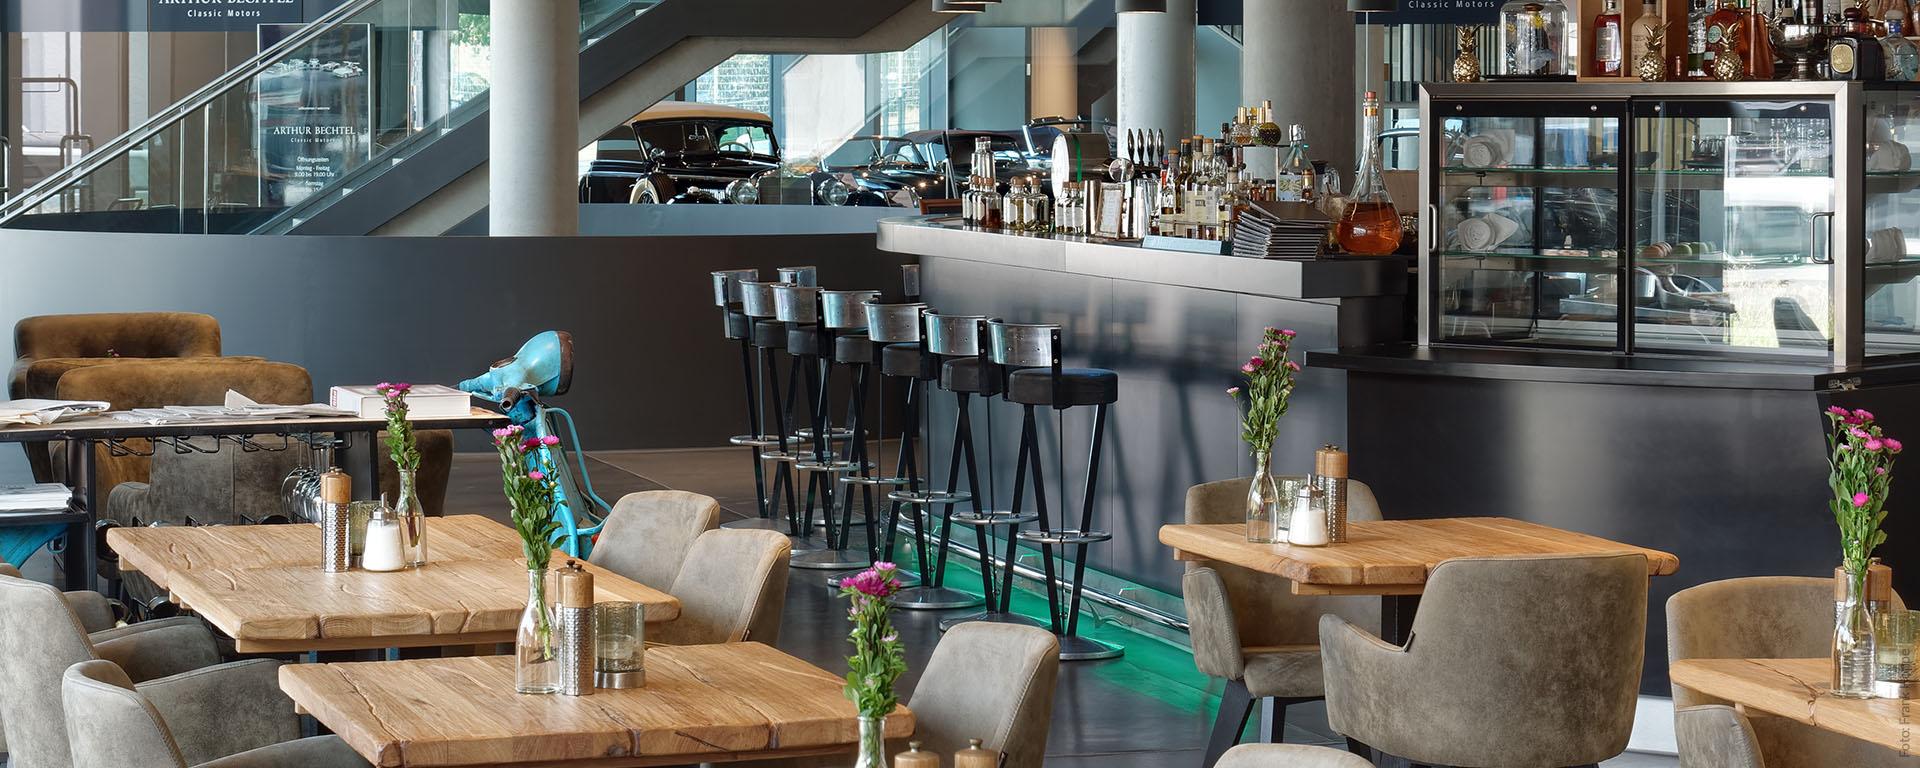 """V8 HOTEL """"PICK-UP"""" Restaurant & Bar bietet Neue Deutsche Küche mit gutbürgerlichen Klassikern"""